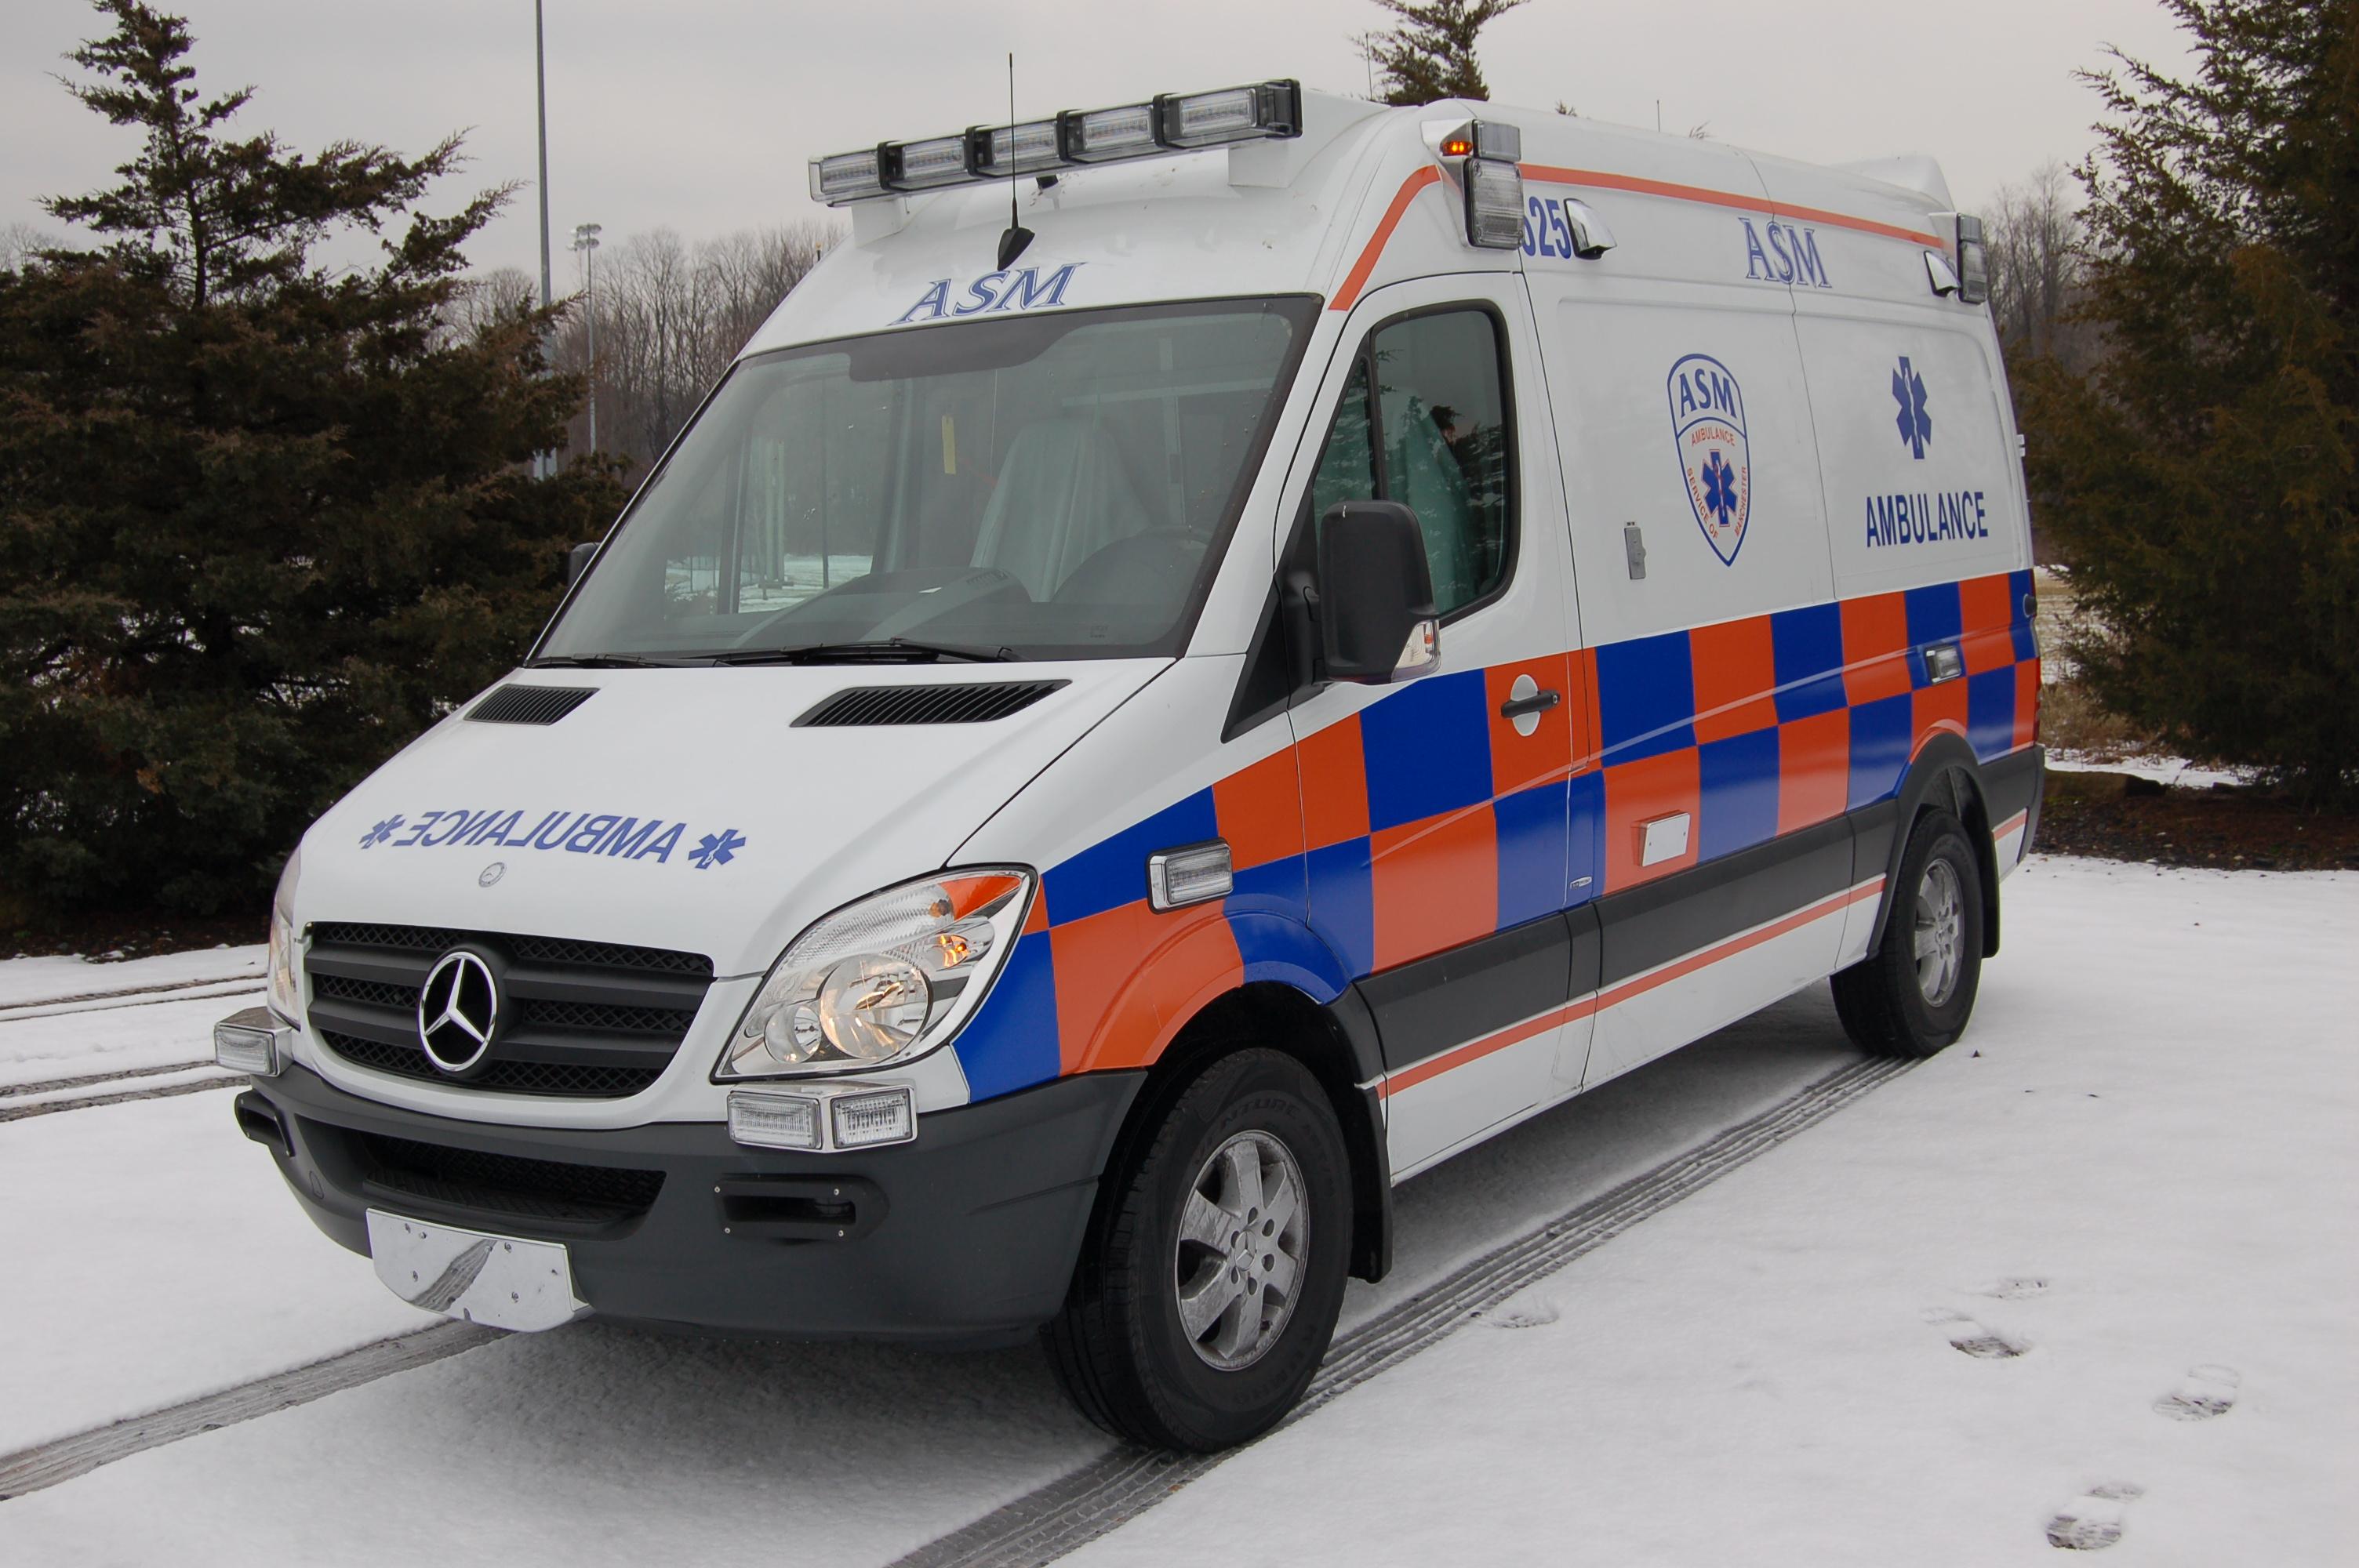 ASM Mercedes Sprinter Ambulance in Battenburg